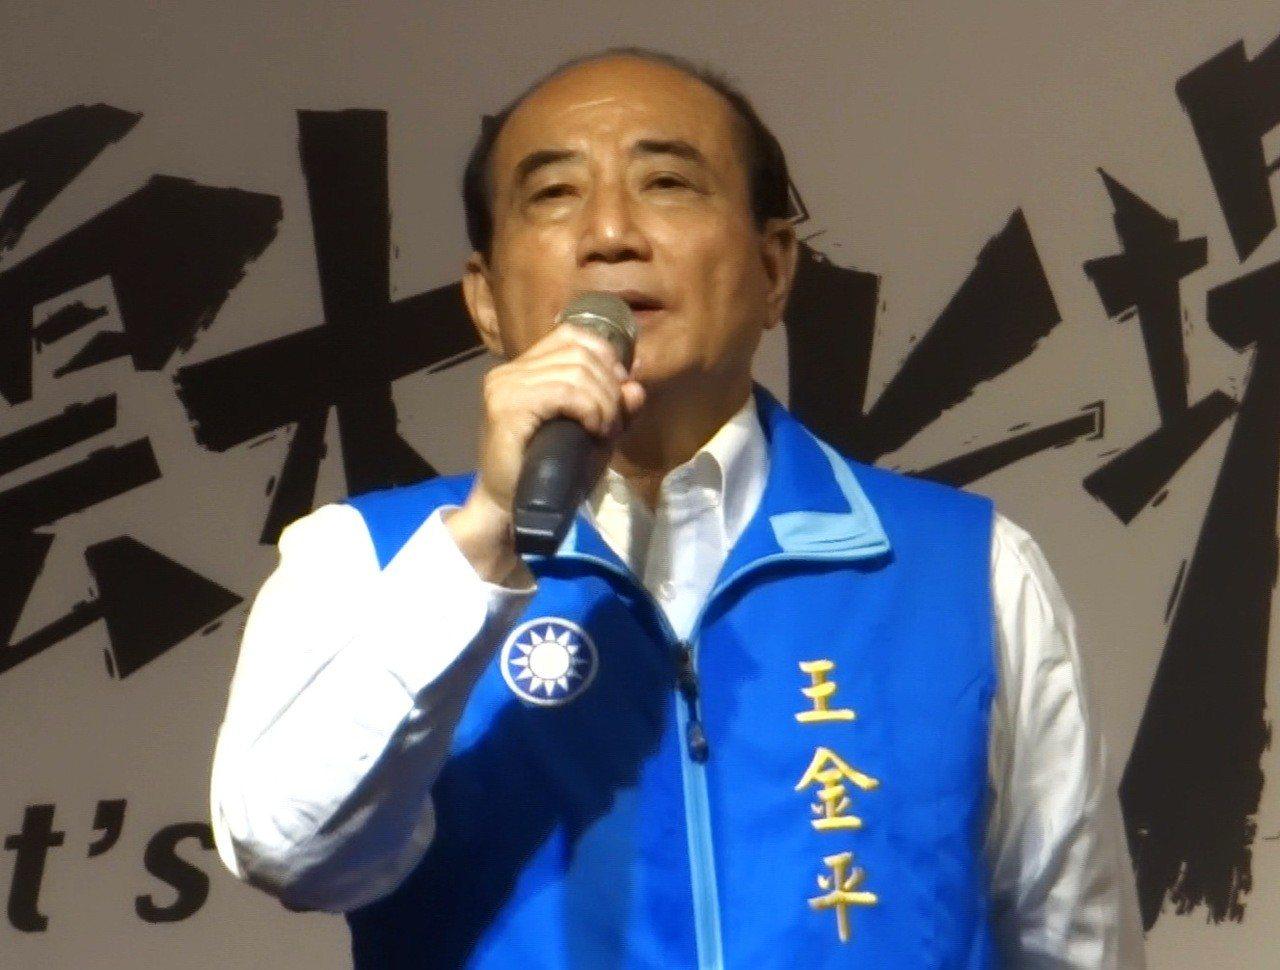 立法院前院長王金平明晚將到雲林舉辦造勢活動。記者蔡維斌/翻攝